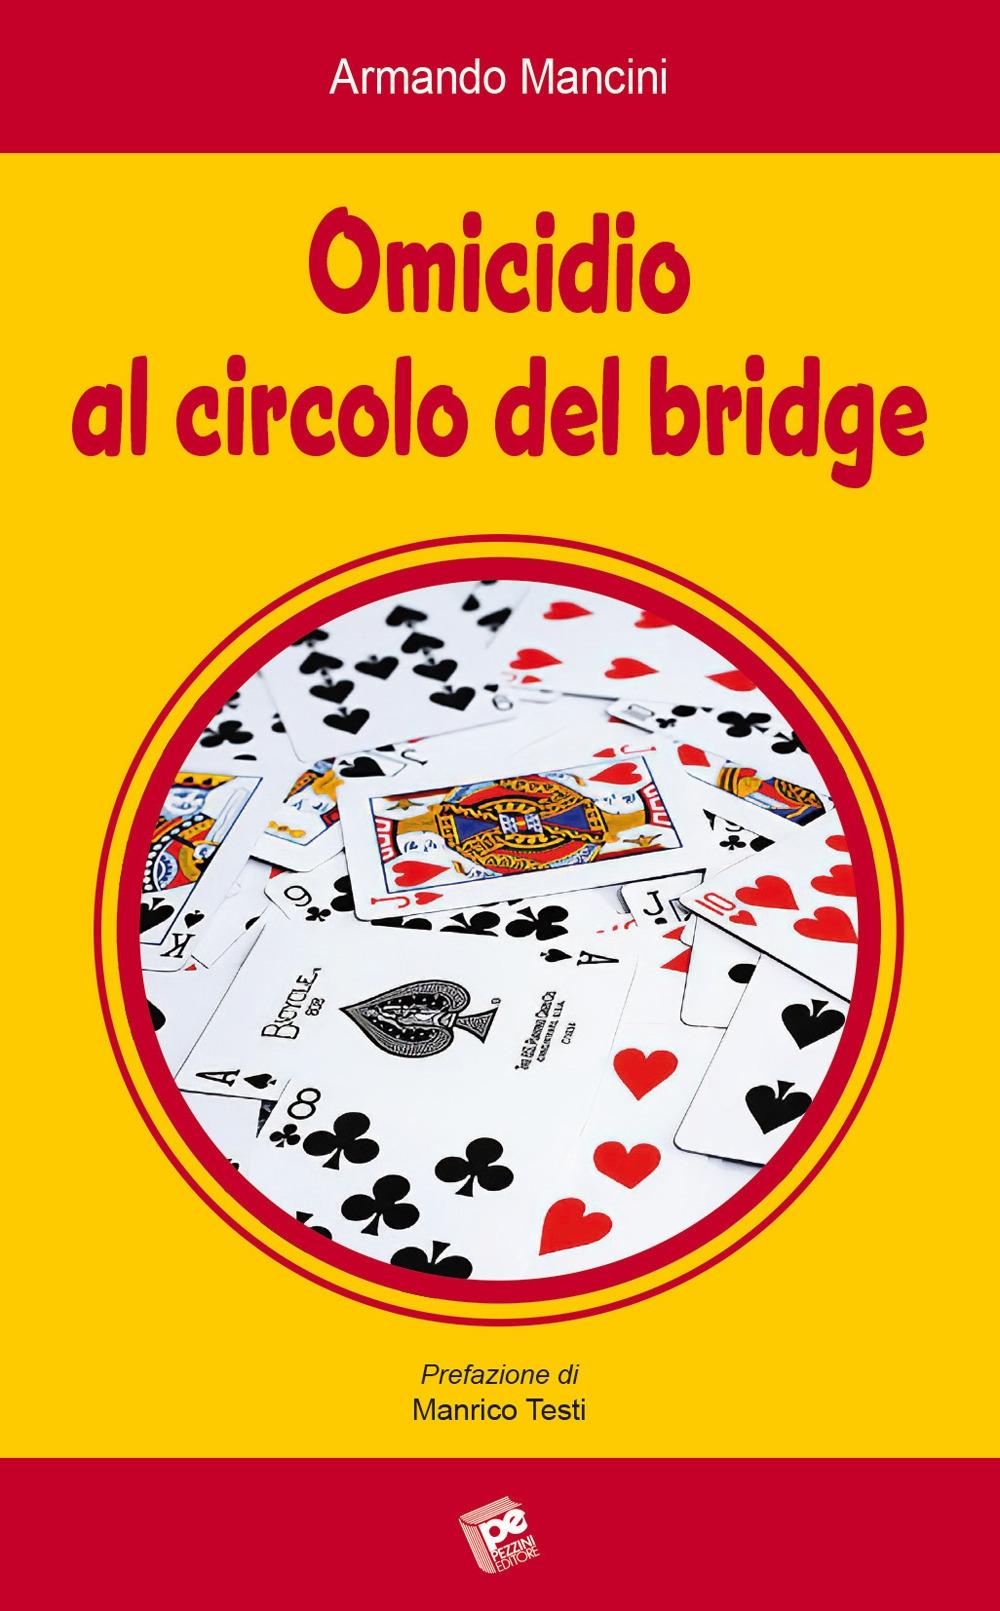 Omicidio al circolo del bridge